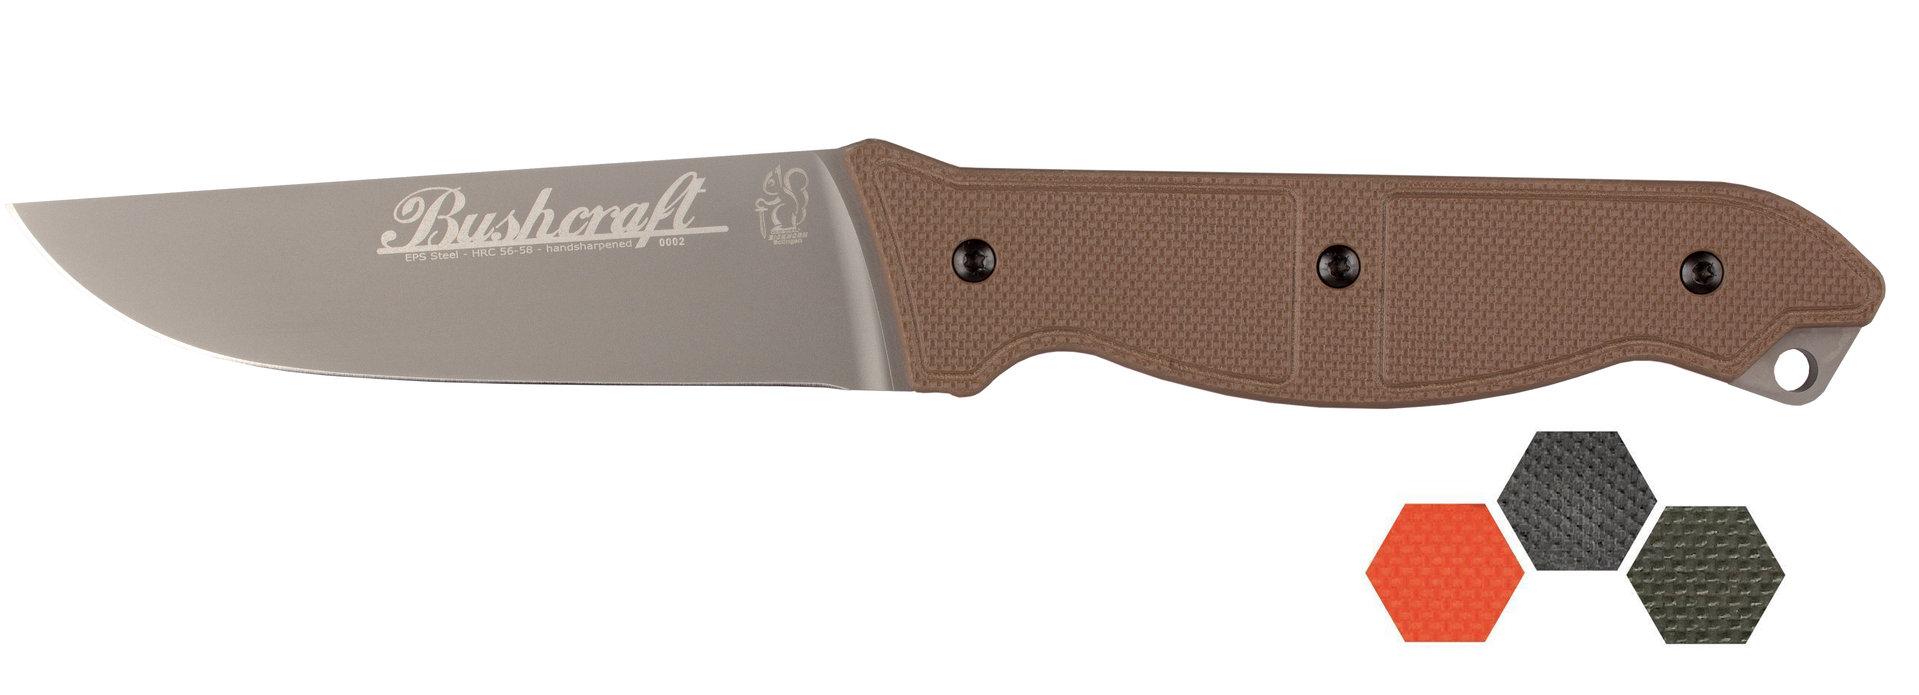 NEU - EBK - Eickhorn Bushcraft Knife